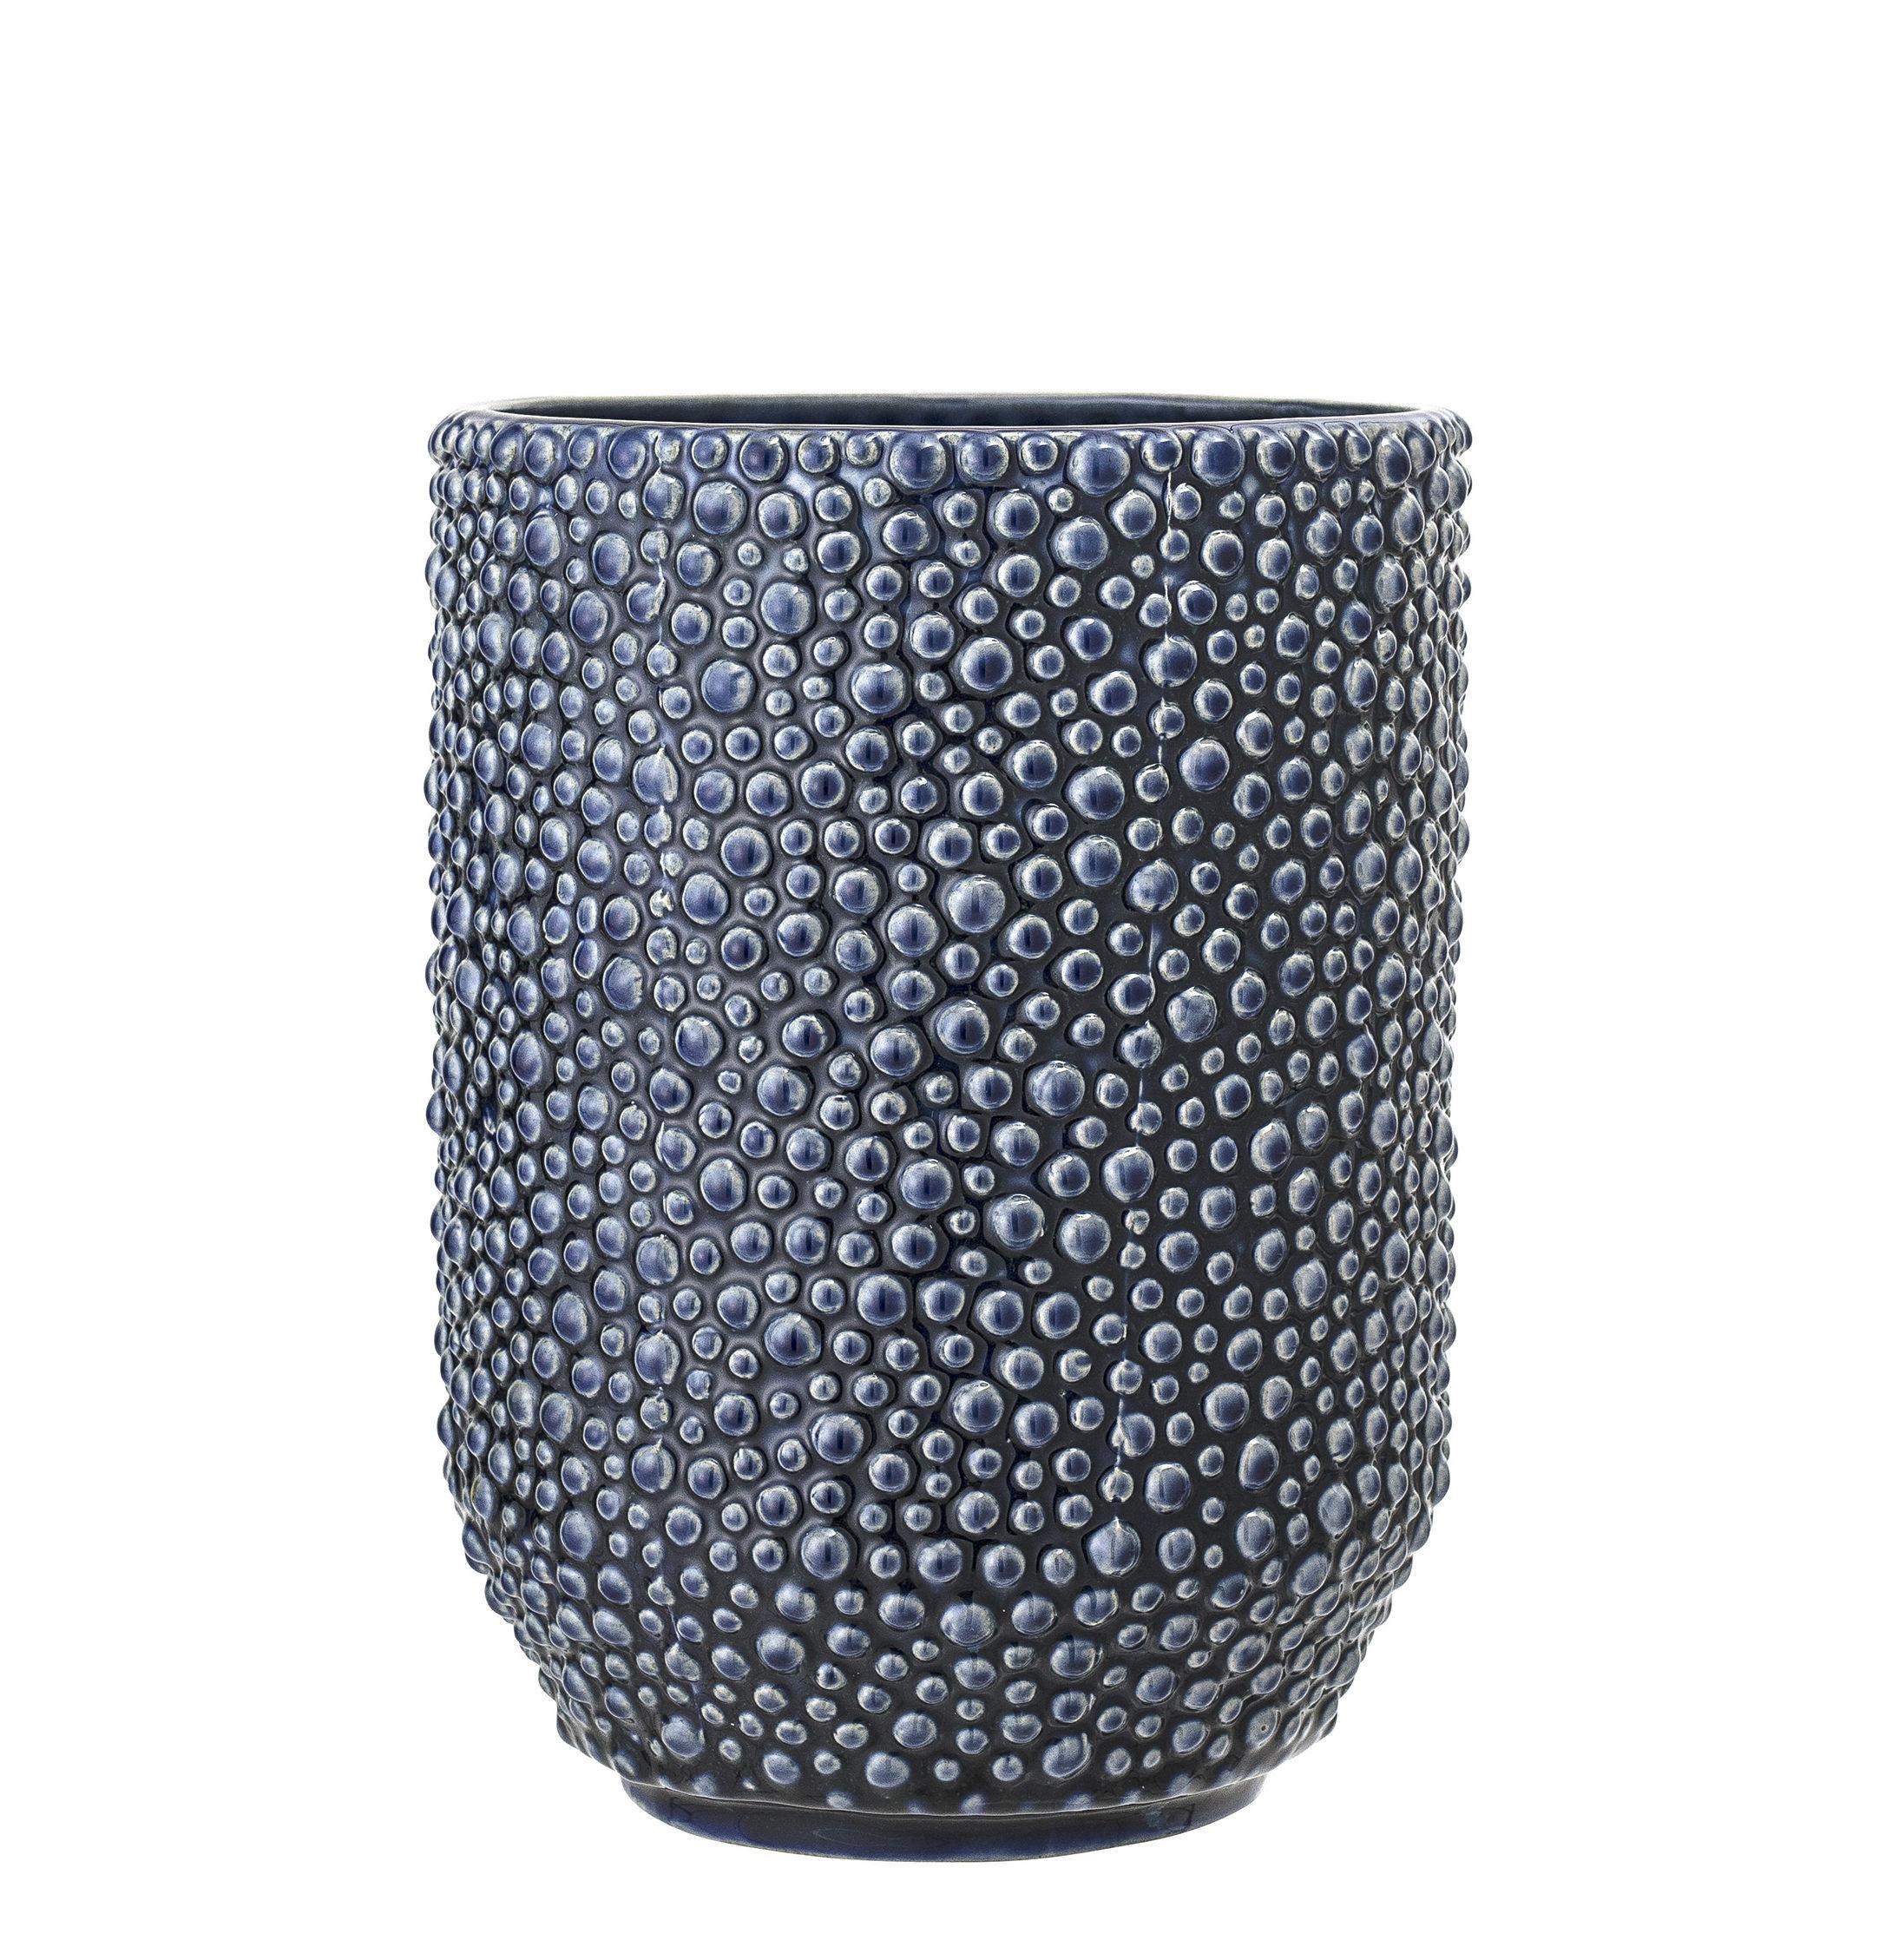 Déco - Vases - Vase / H 20,5 cm - Bloomingville - Bleu - Grès émaillé